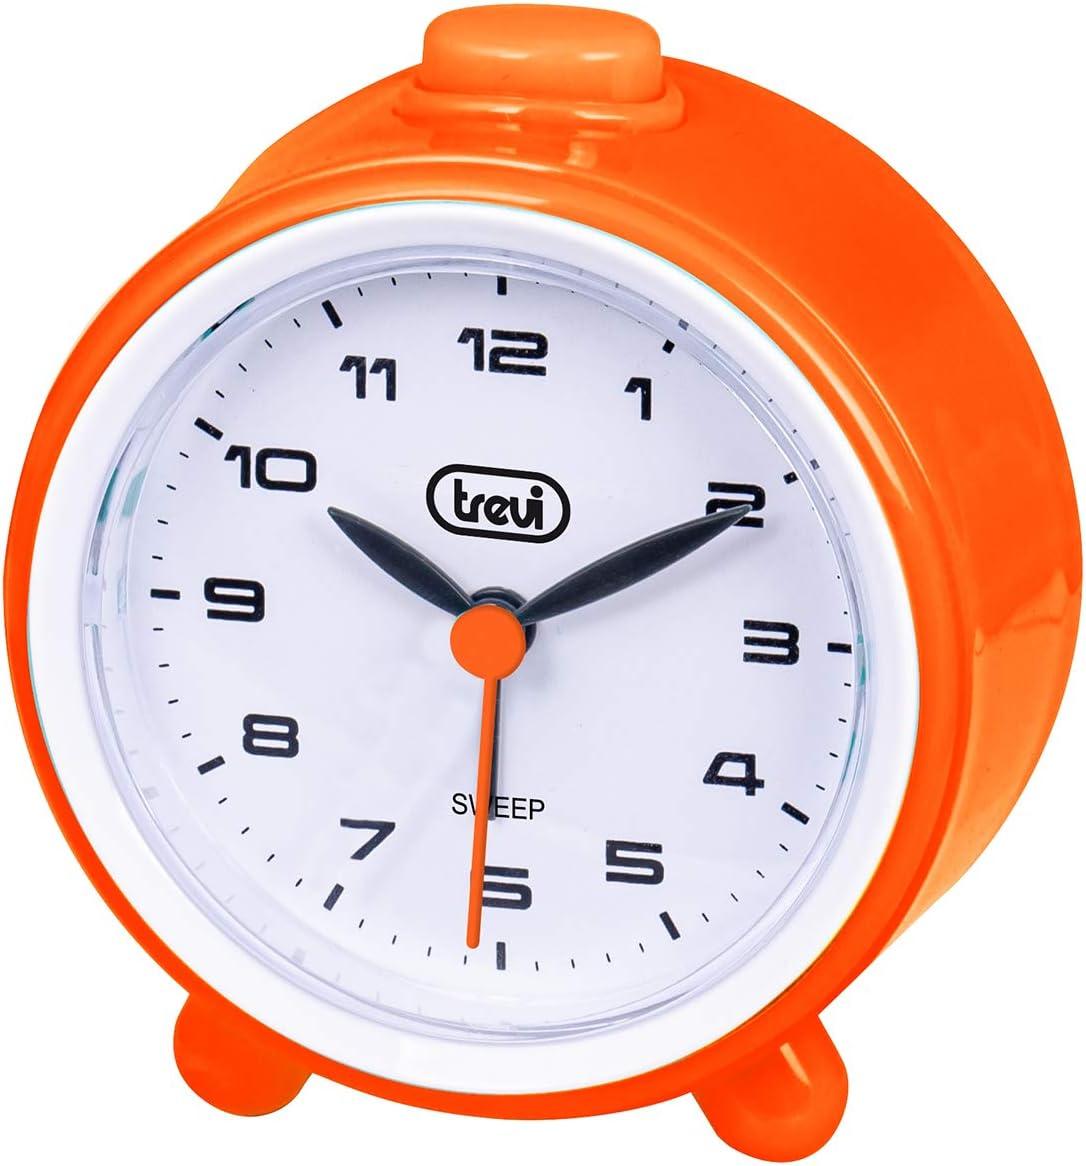 Trevi - Reloj Despertador